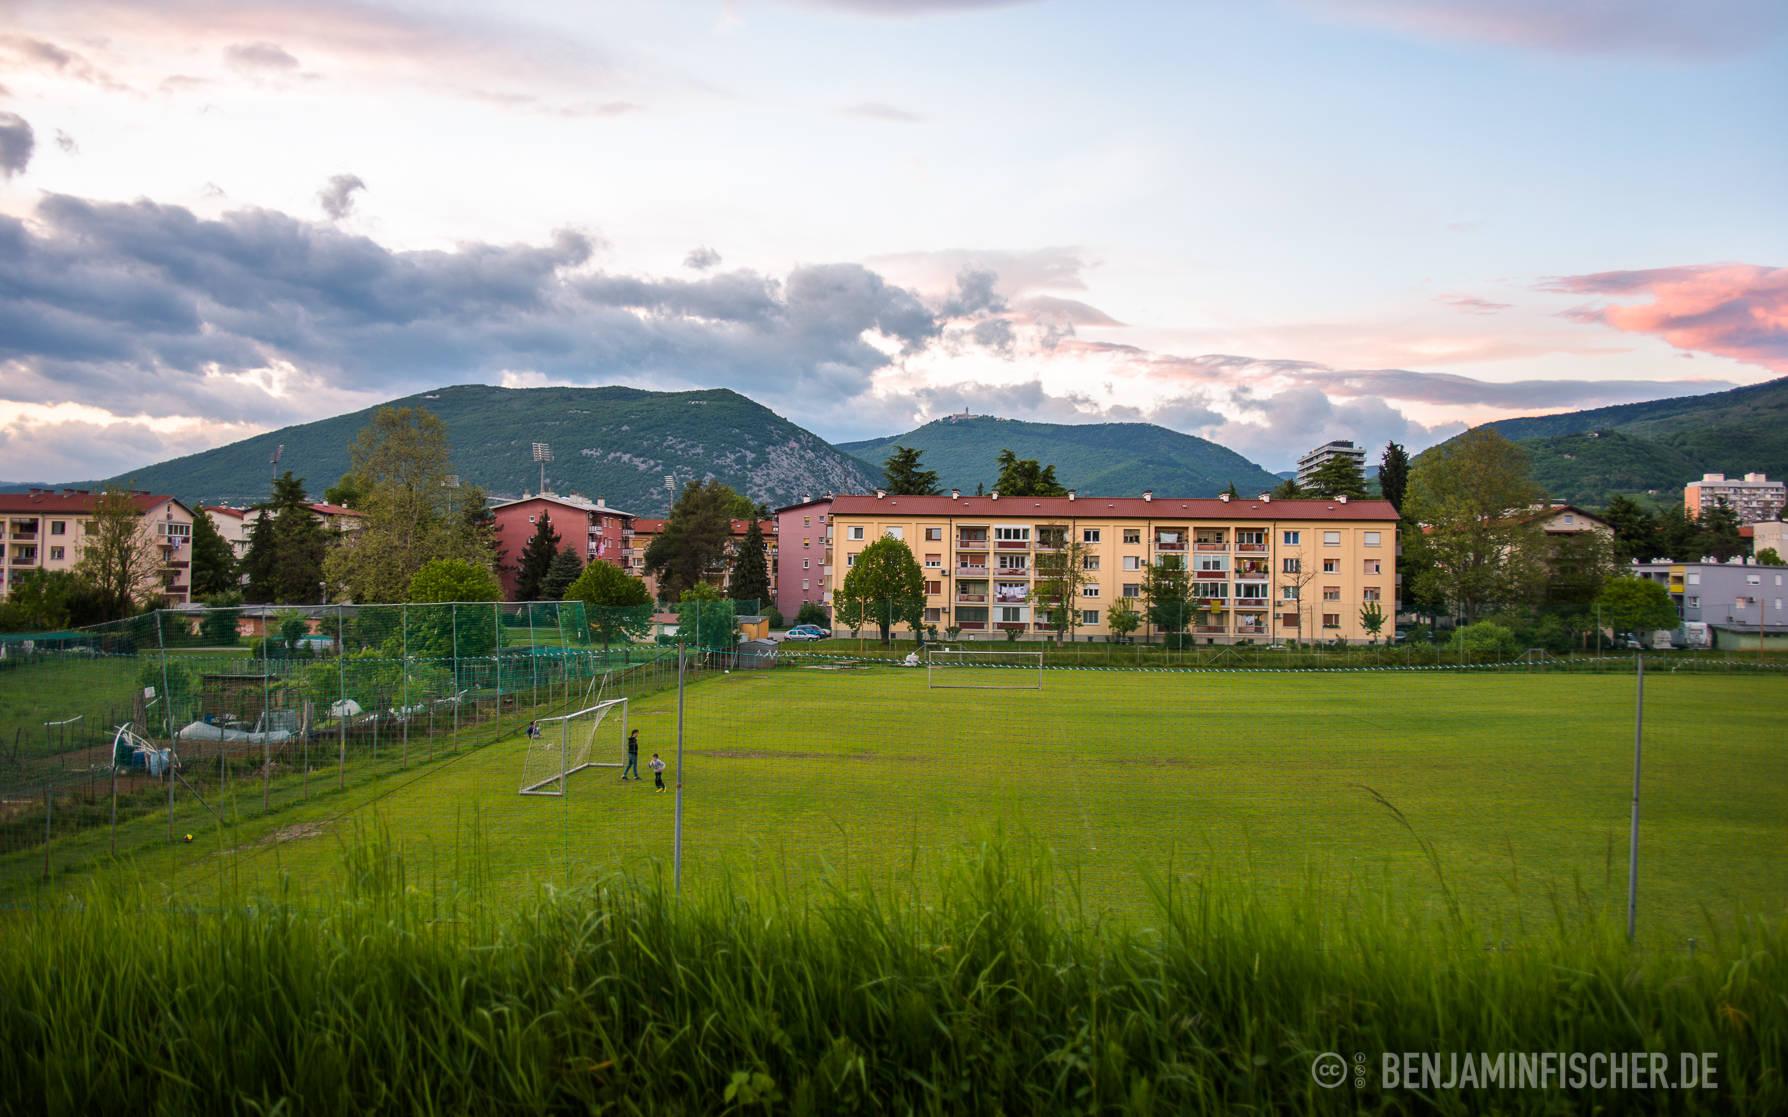 Vater und Sohn spielen Fußball in Nova Gorica, Slowenien